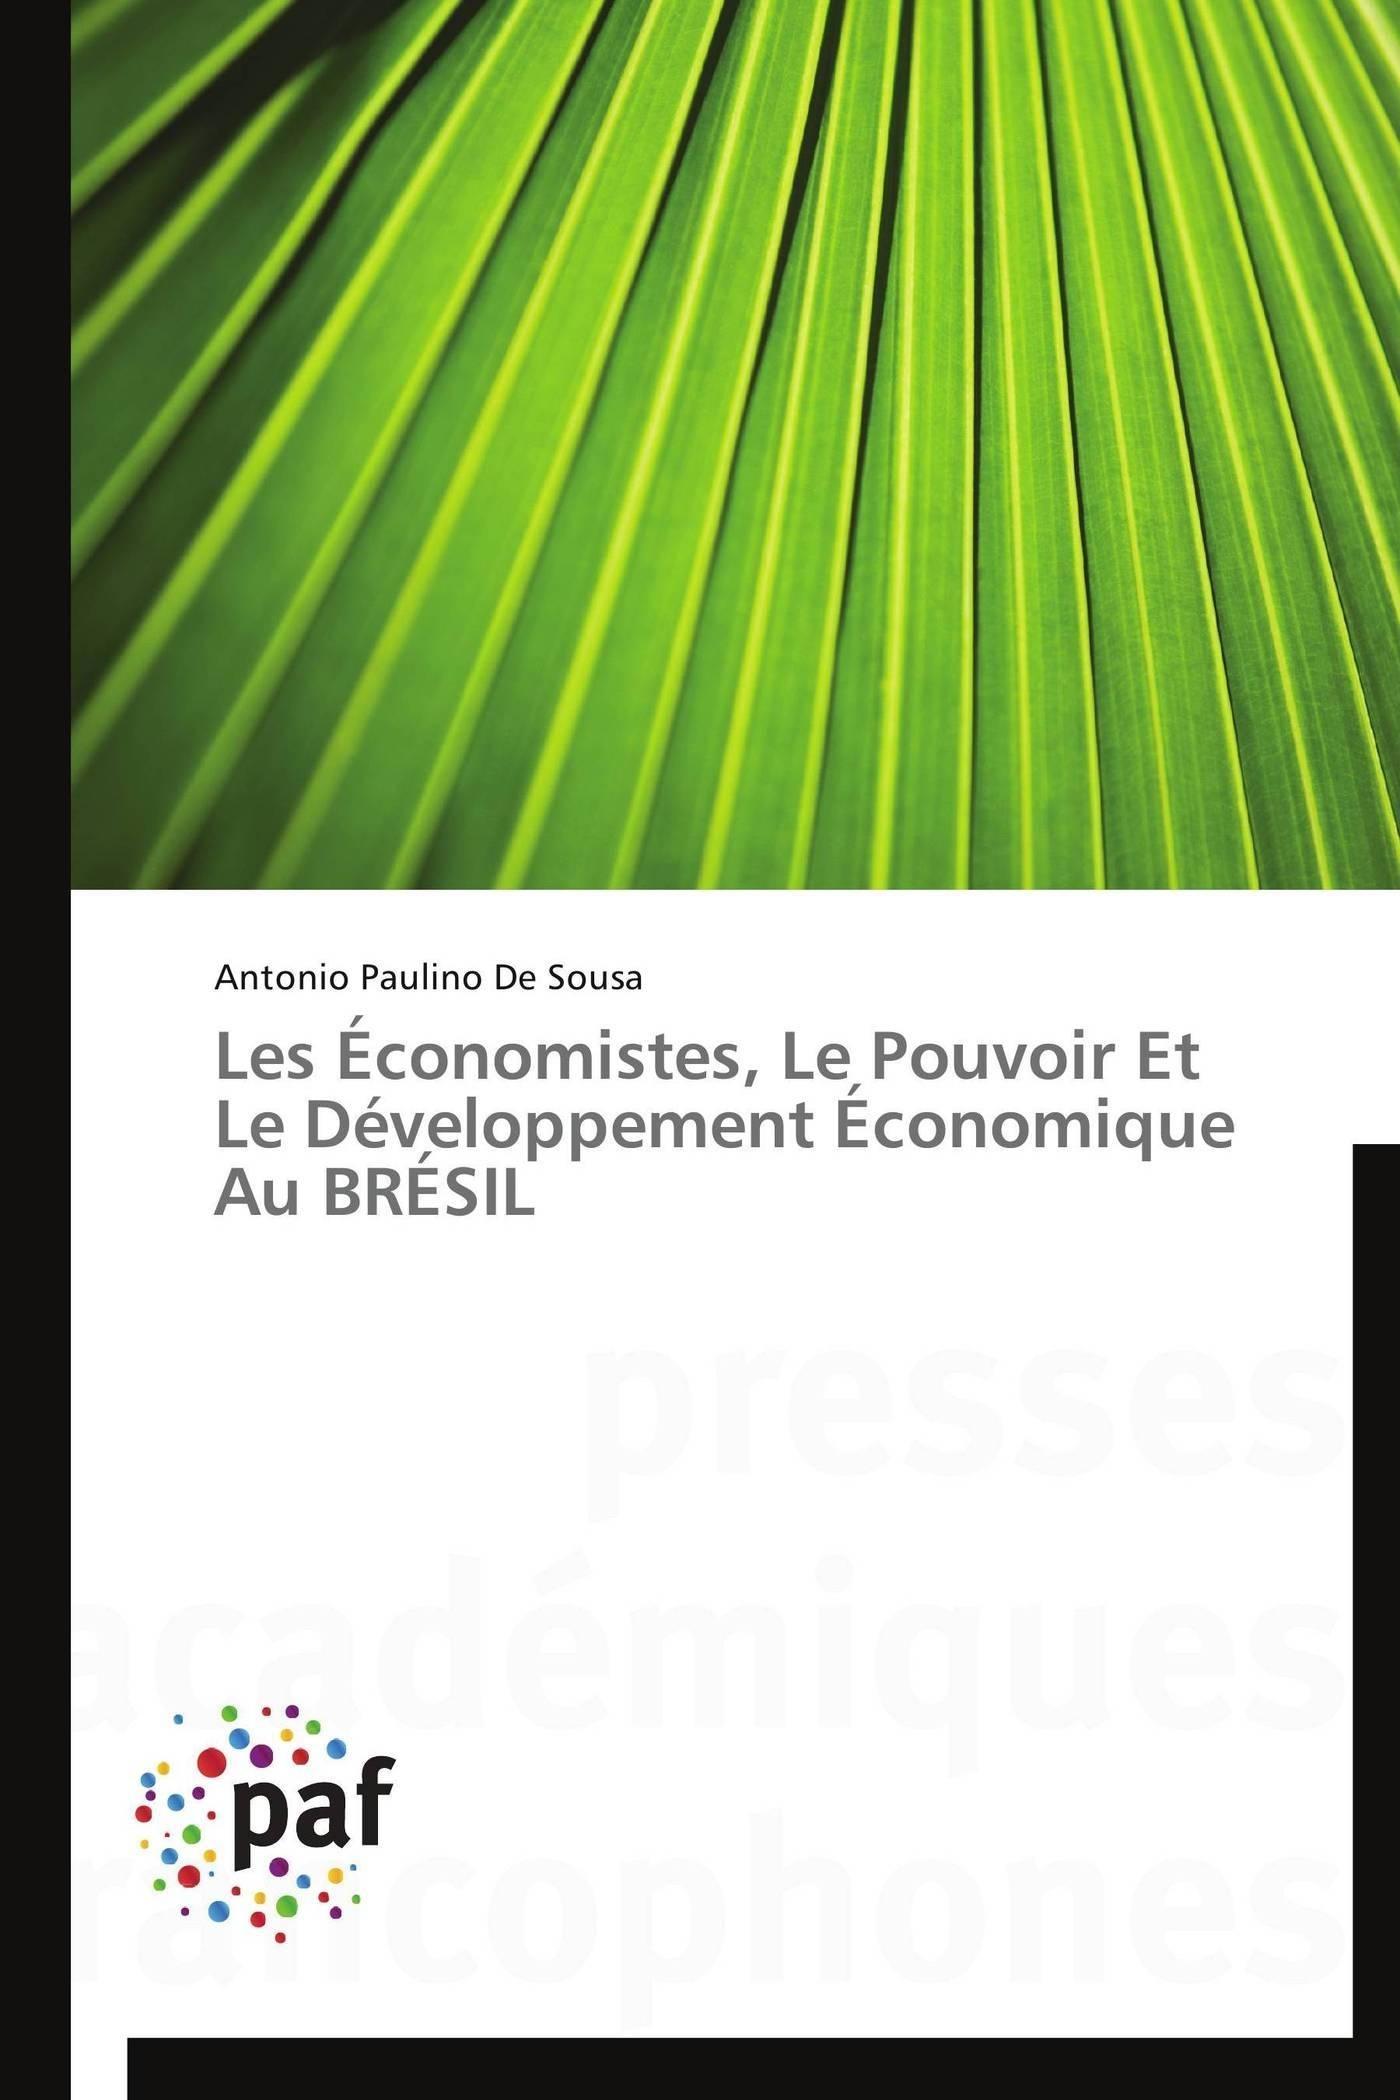 LES ECONOMISTES, LE POUVOIR ET LE DEVELOPPEMENT ECONOMIQUE AU BRESIL